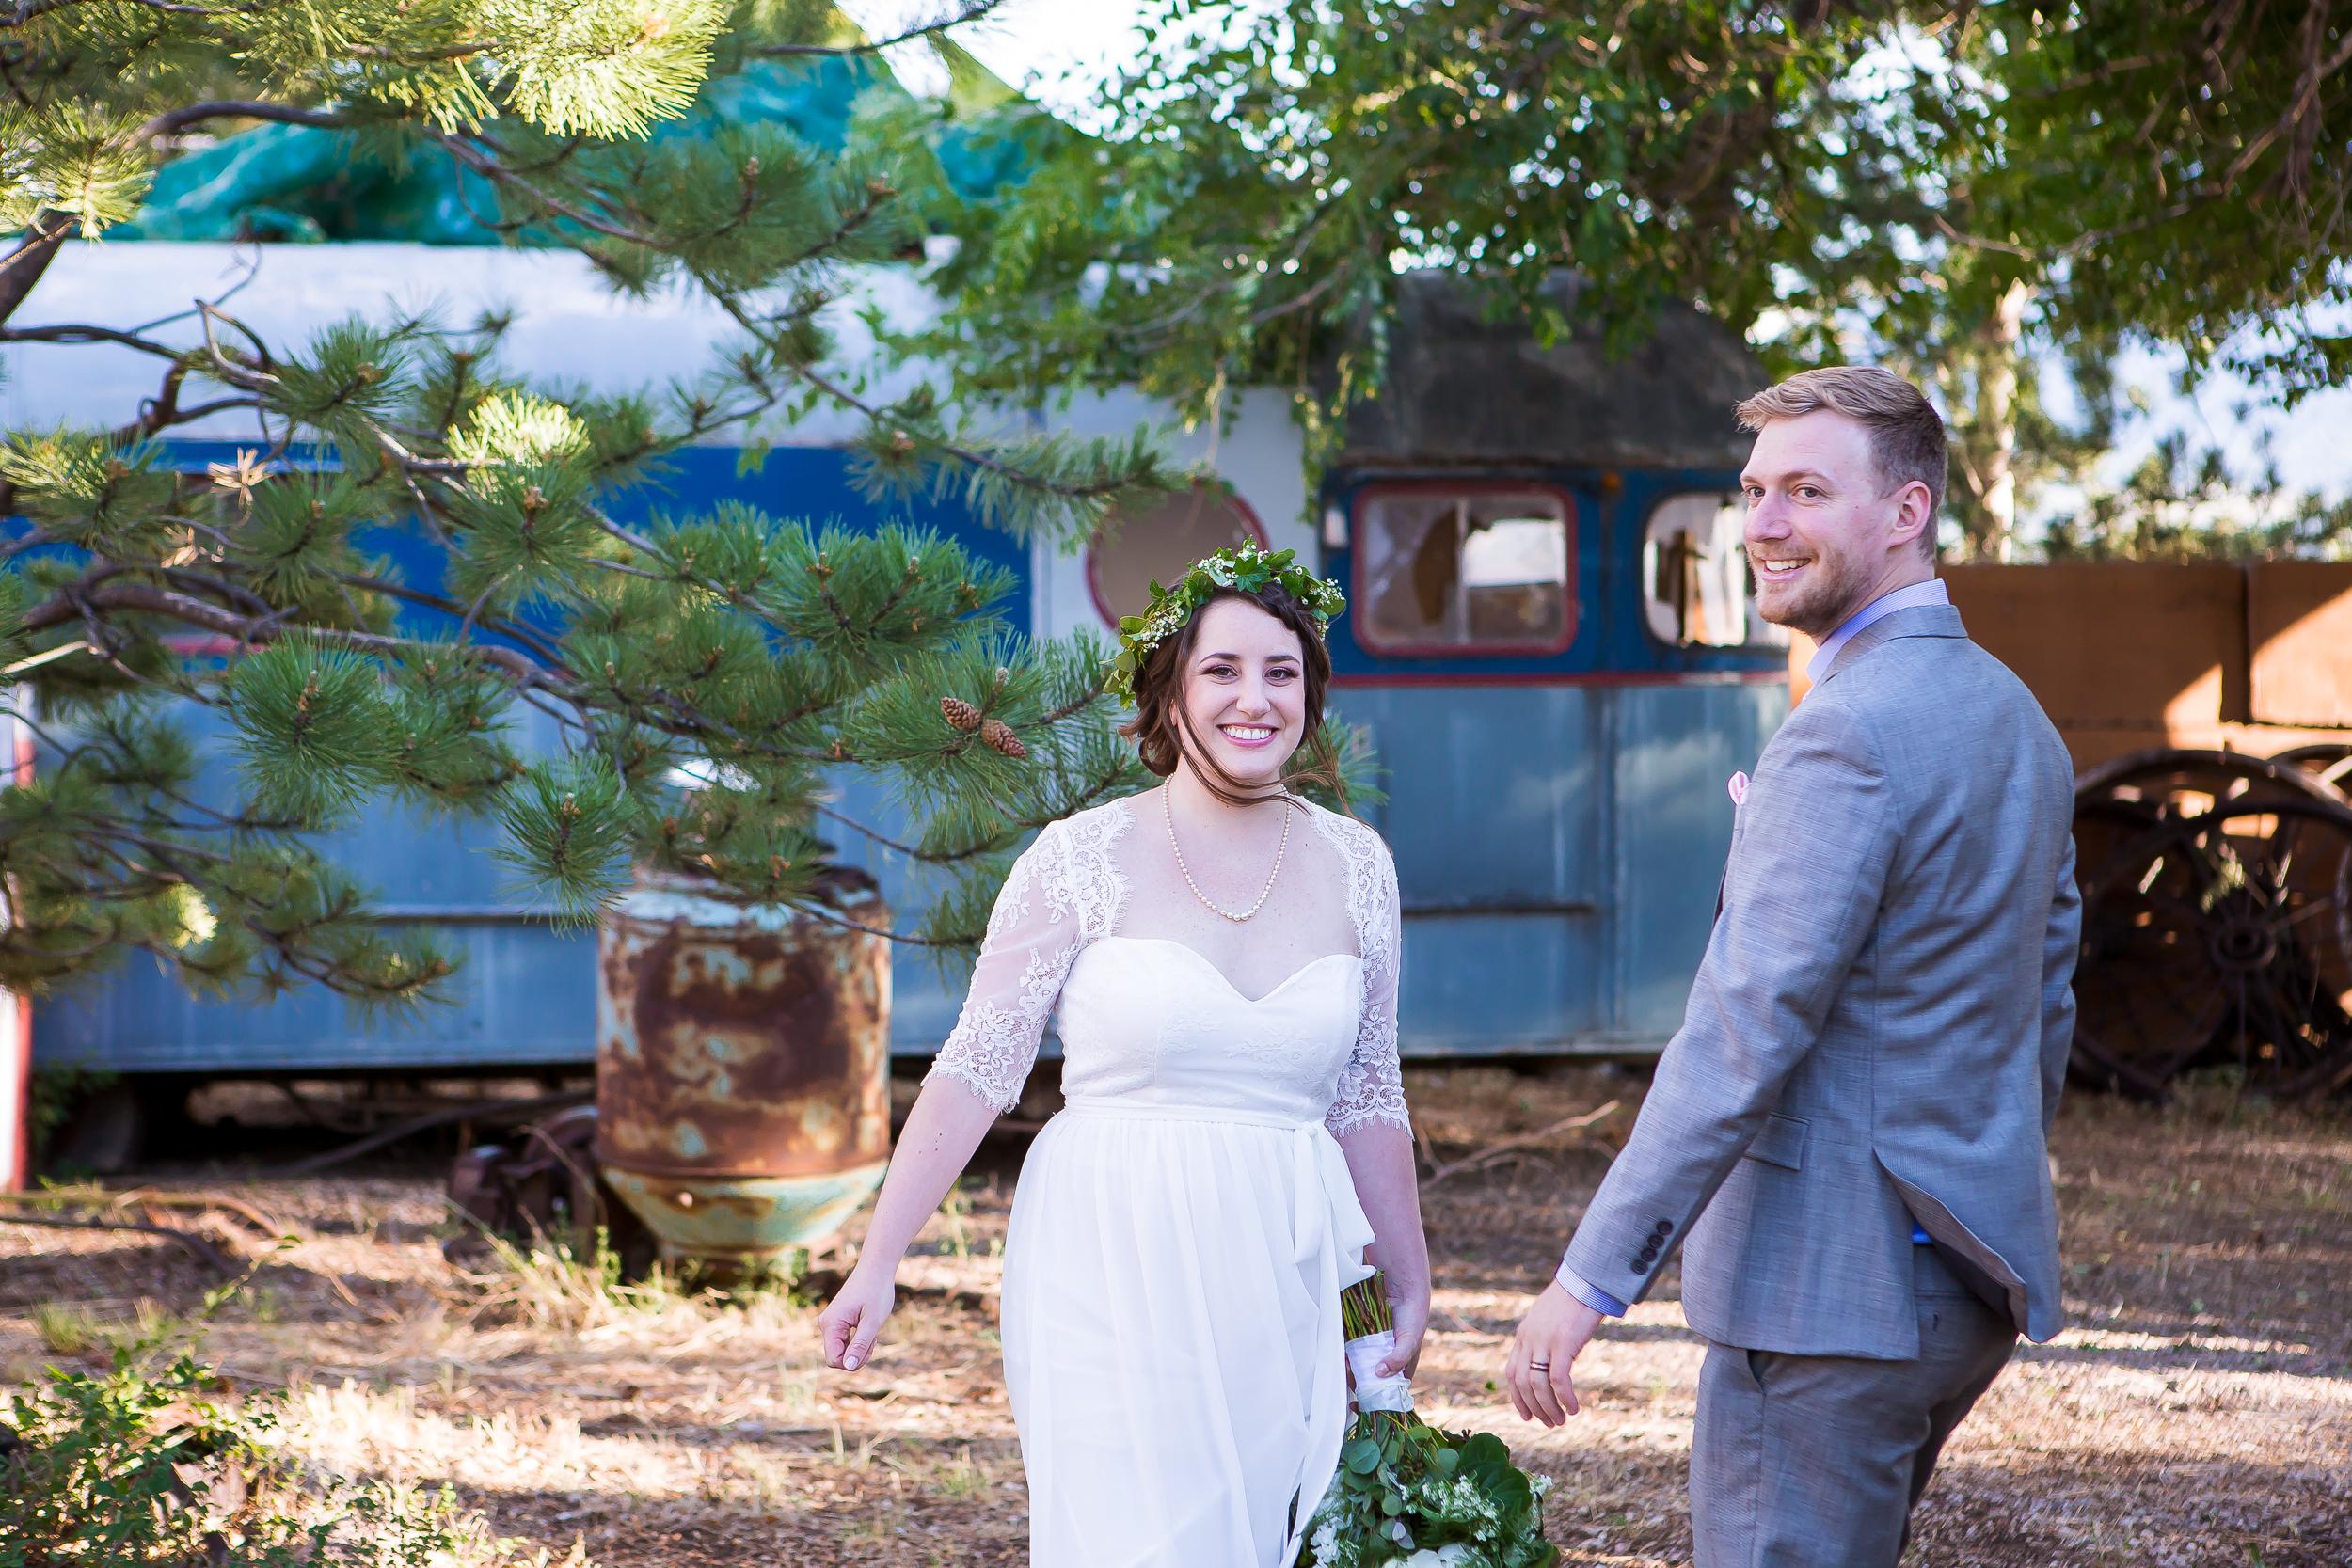 Hillside Gardens Wedding Colorado Springs Durango Photographer Alexi HubbellHillside Gardens Wedding Colorado Springs Durango Photographer Alexi Hubbell